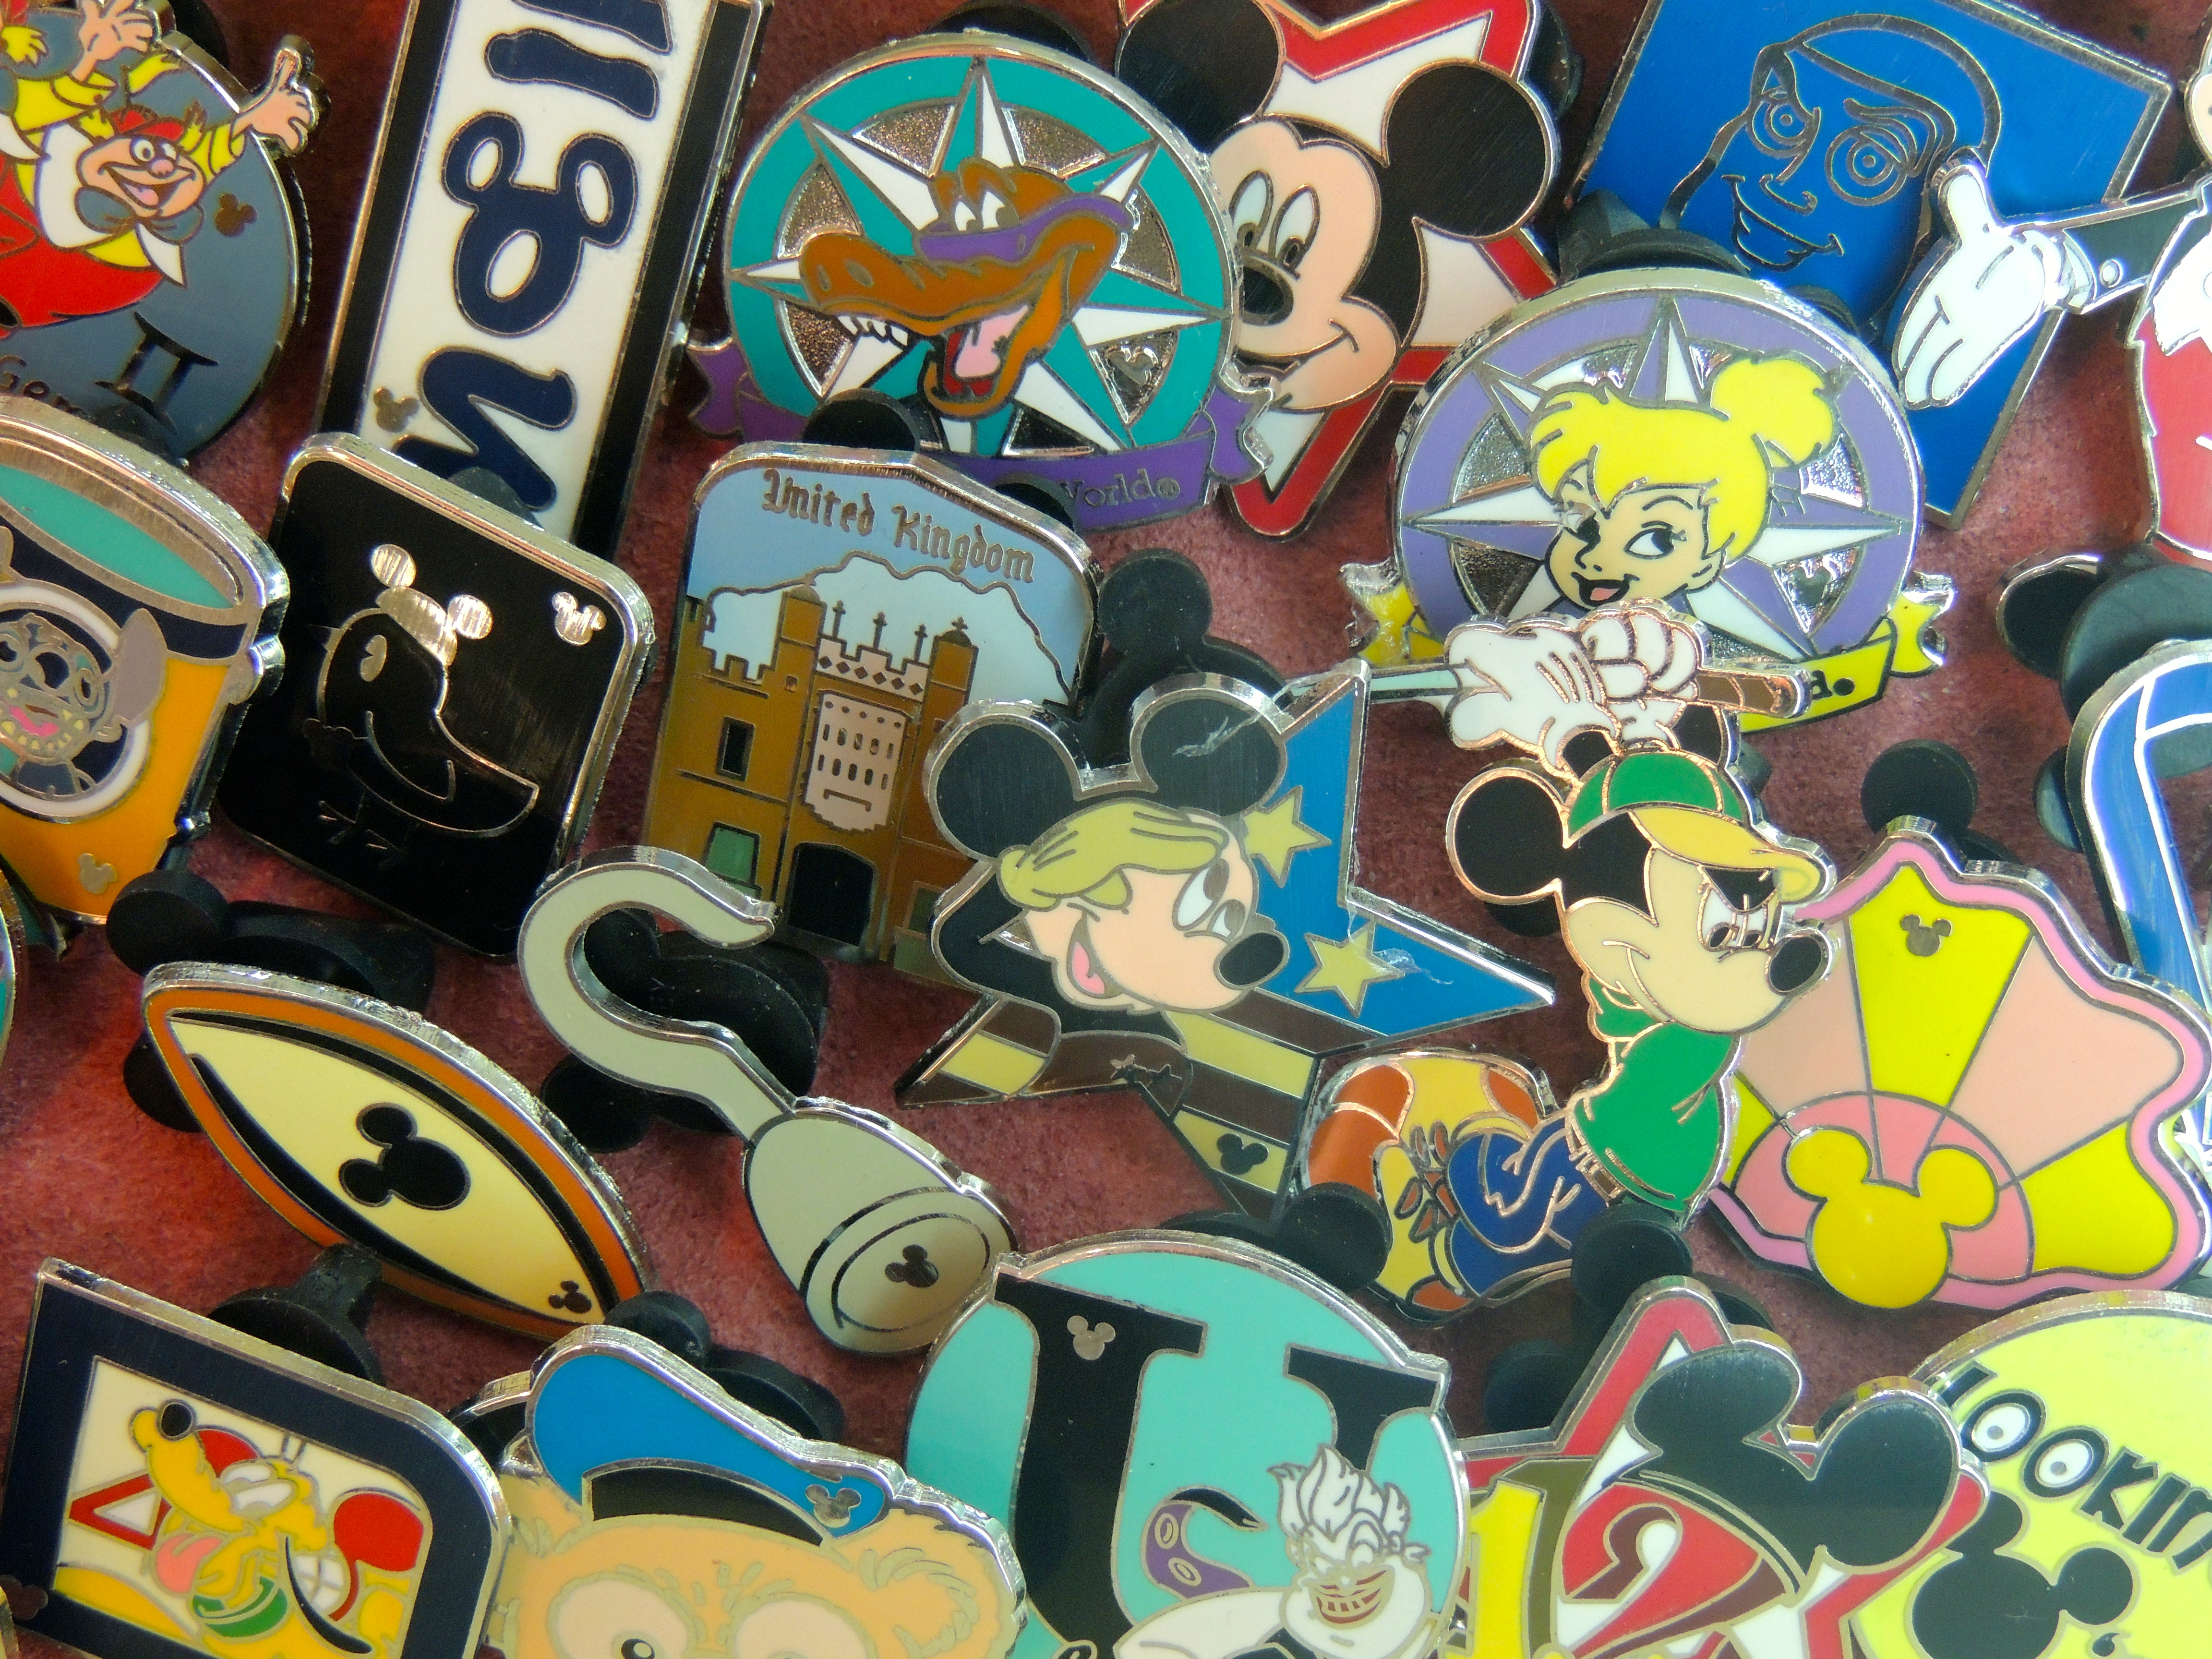 Disney Trader Pins